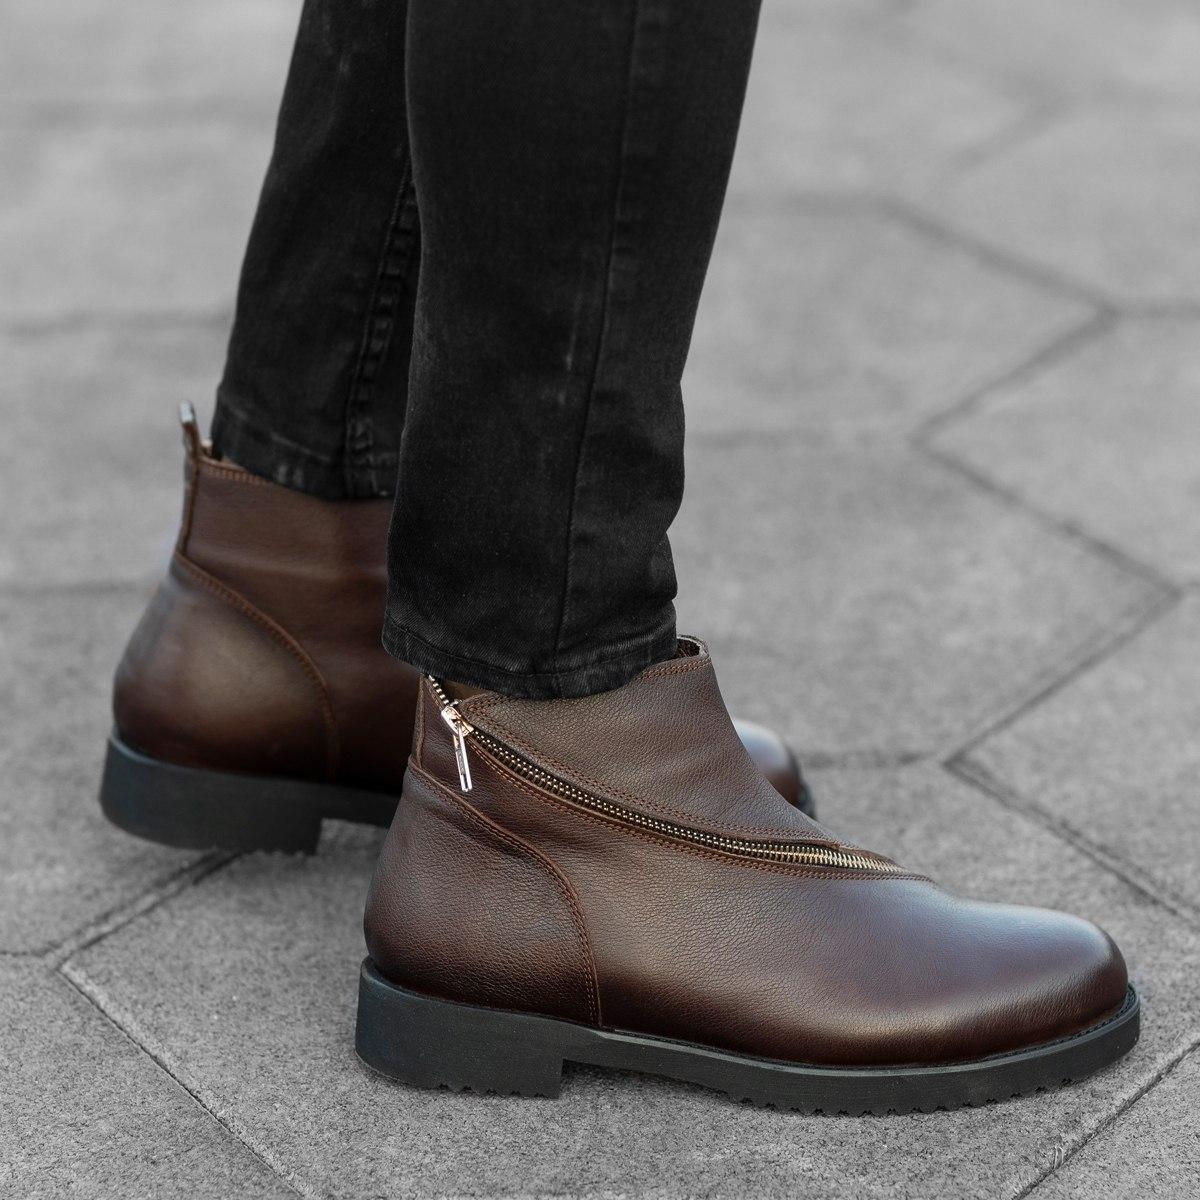 Herren Chelsea Boots Stiefel Mit Reißverschluss Detail In Braun Mv Premium Brand - 1